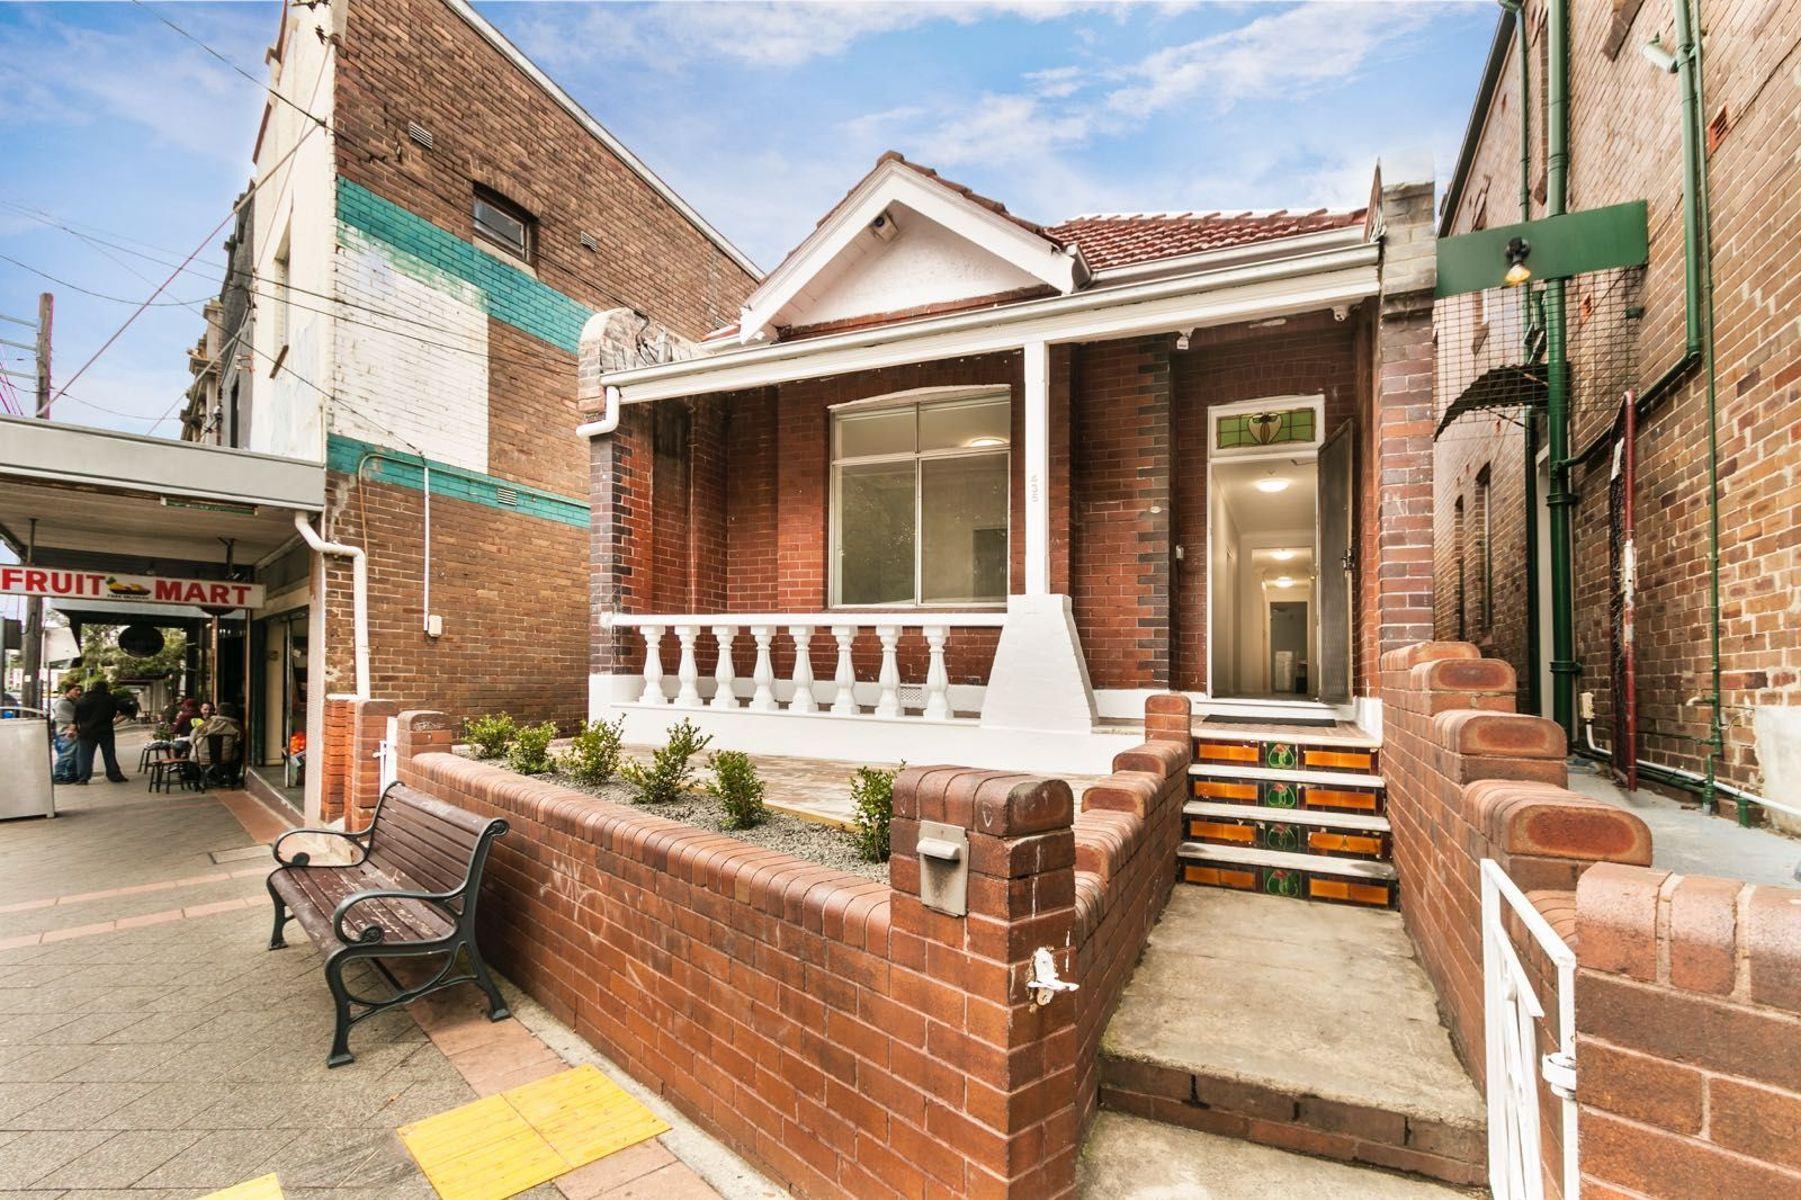 5/435 Illawarra Road, Marrickville, NSW 2204